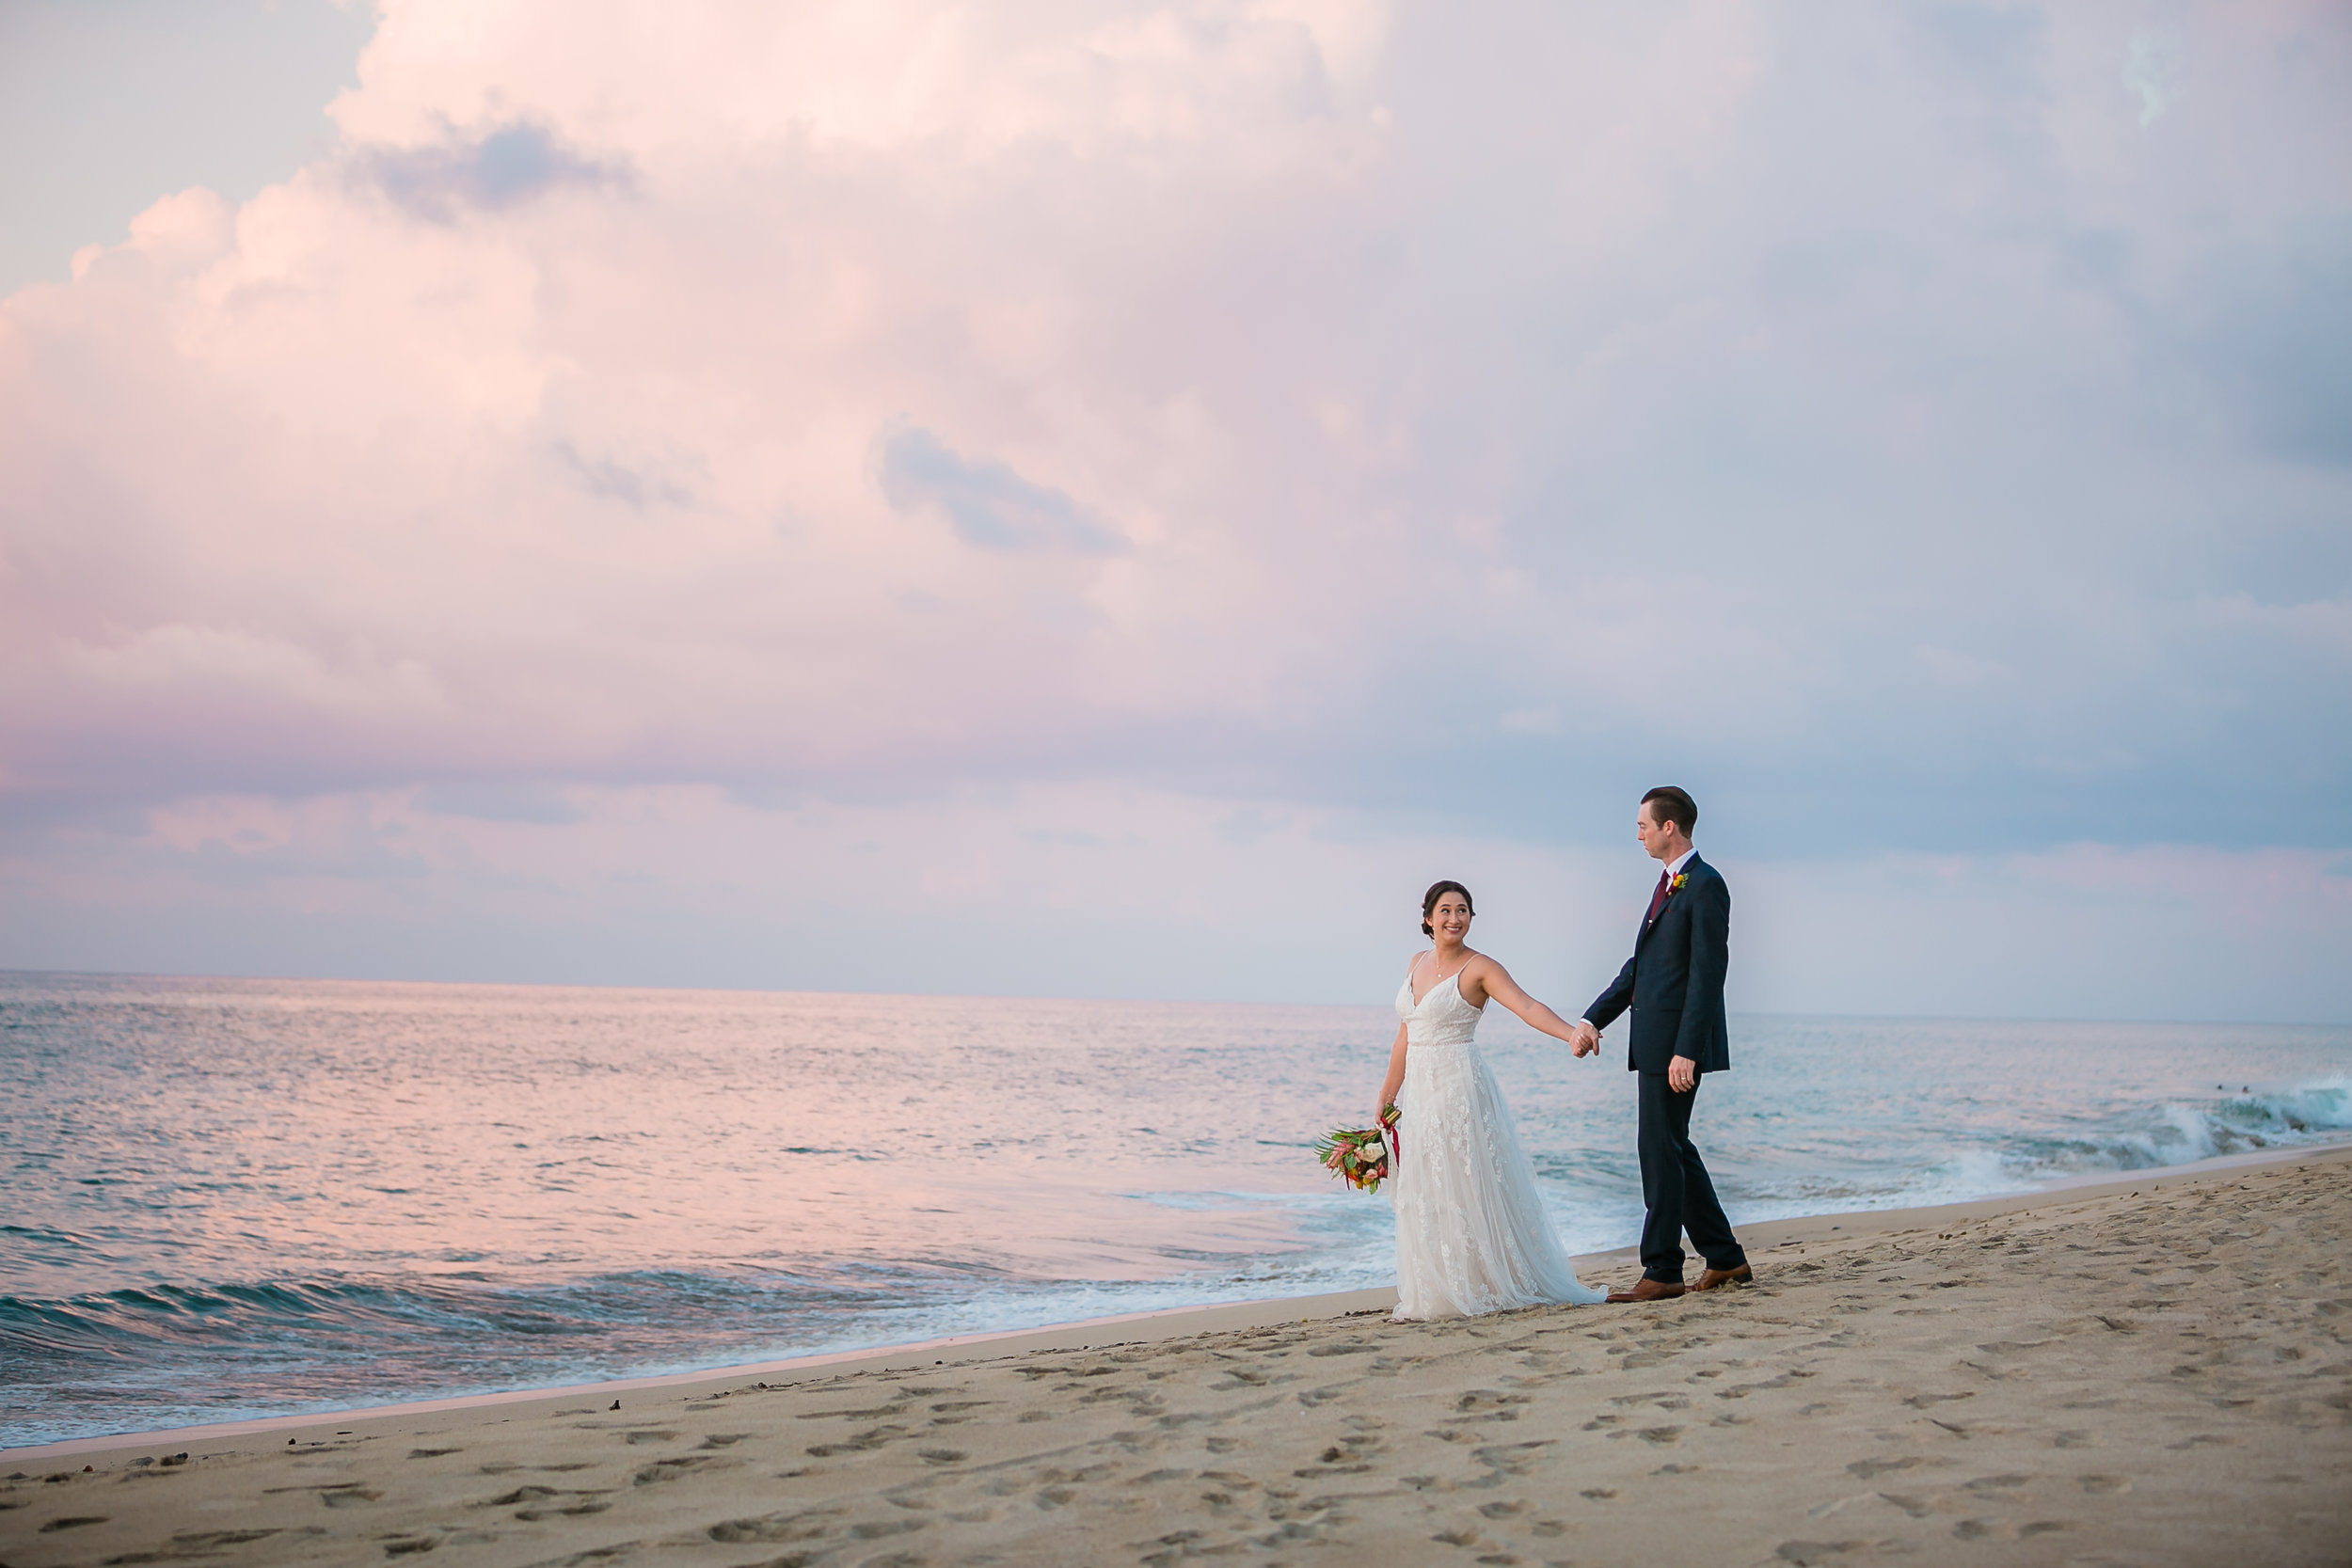 ES-Flor-De-Playa-Sayulita-Mexico-Wedding 464.jpg